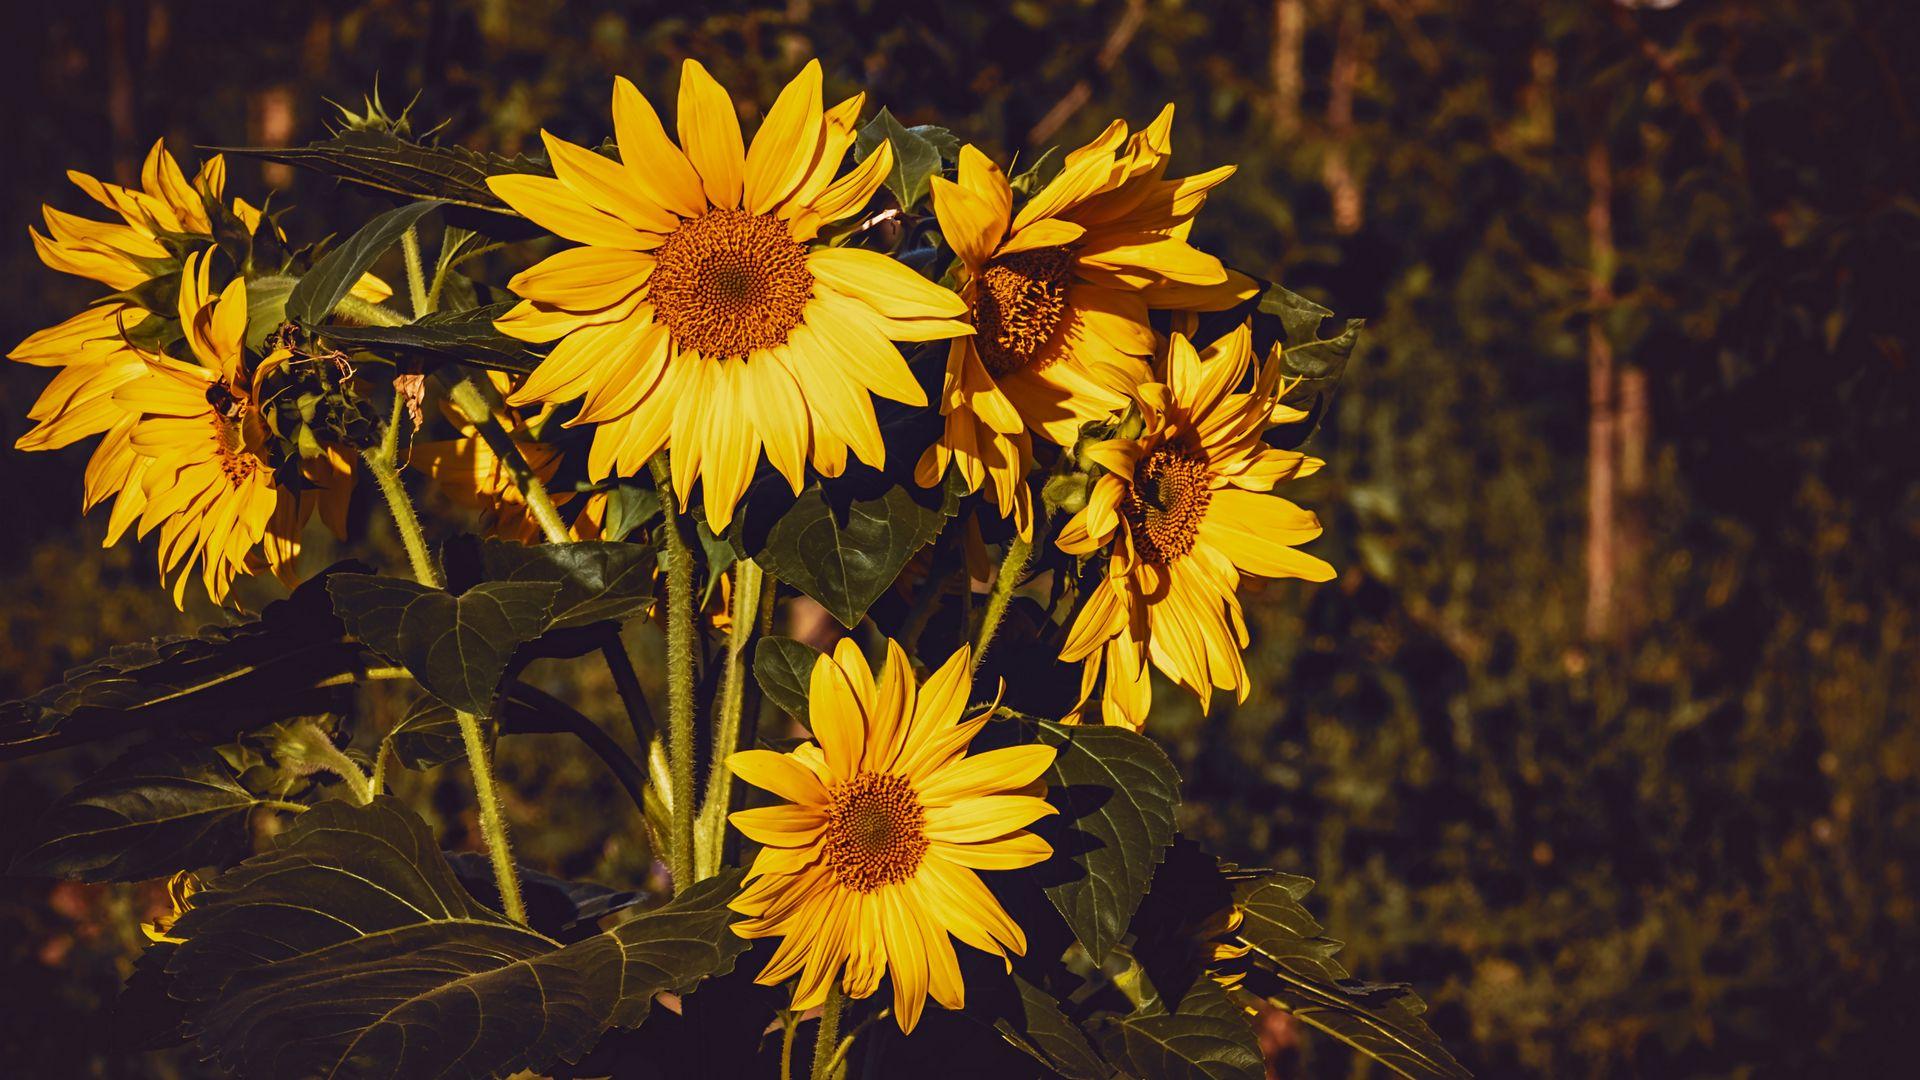 1920x1080 Wallpaper sunflower, flowers, summer, yellow